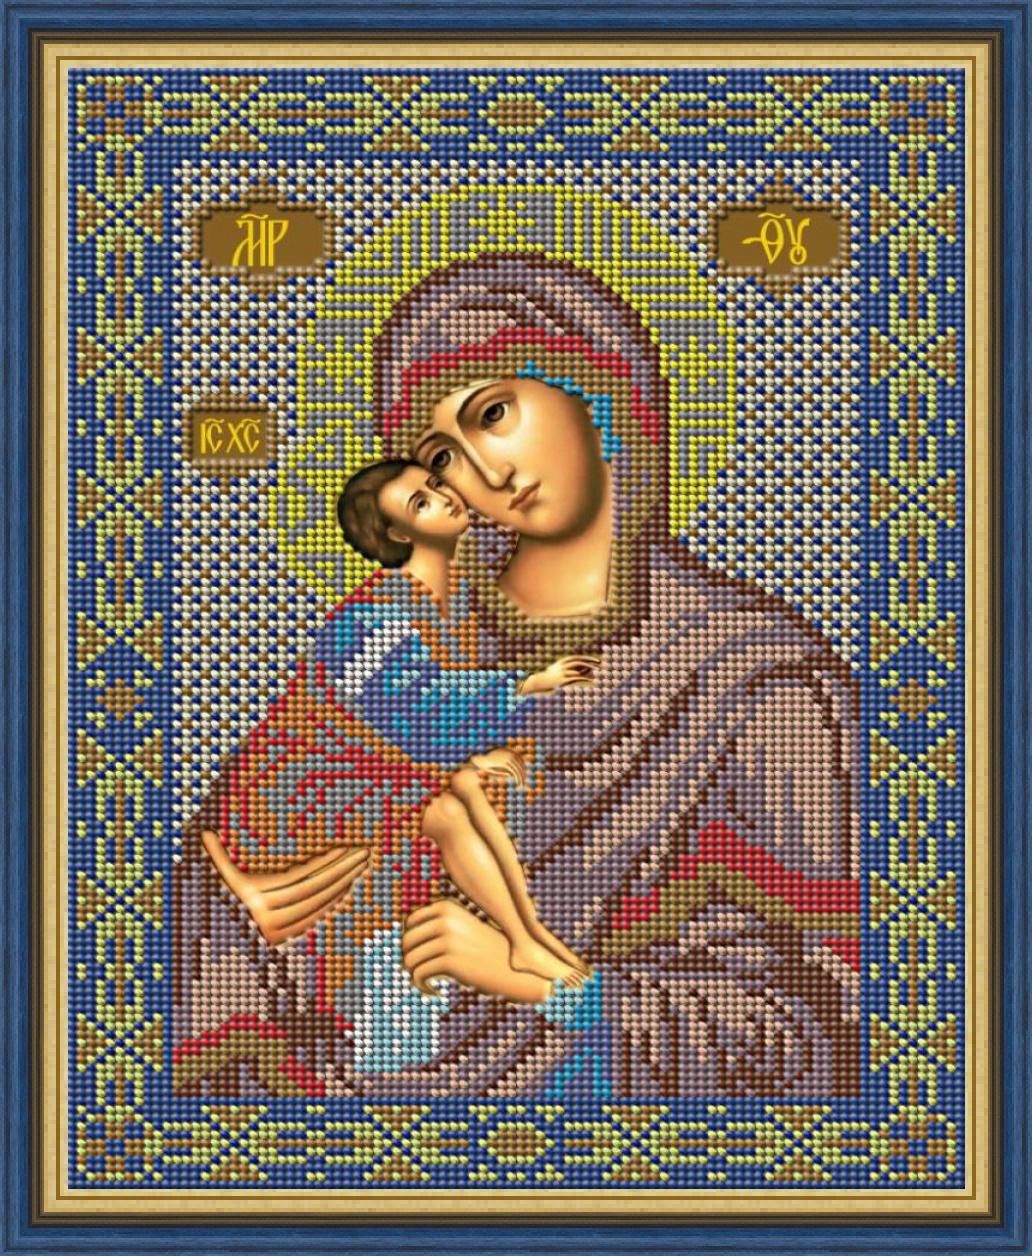 Набор для вышивания Galla Collection Набор для вышивания бисером «Икона Божией Матери Донская», 20 x 27 см, И009 цена и фото